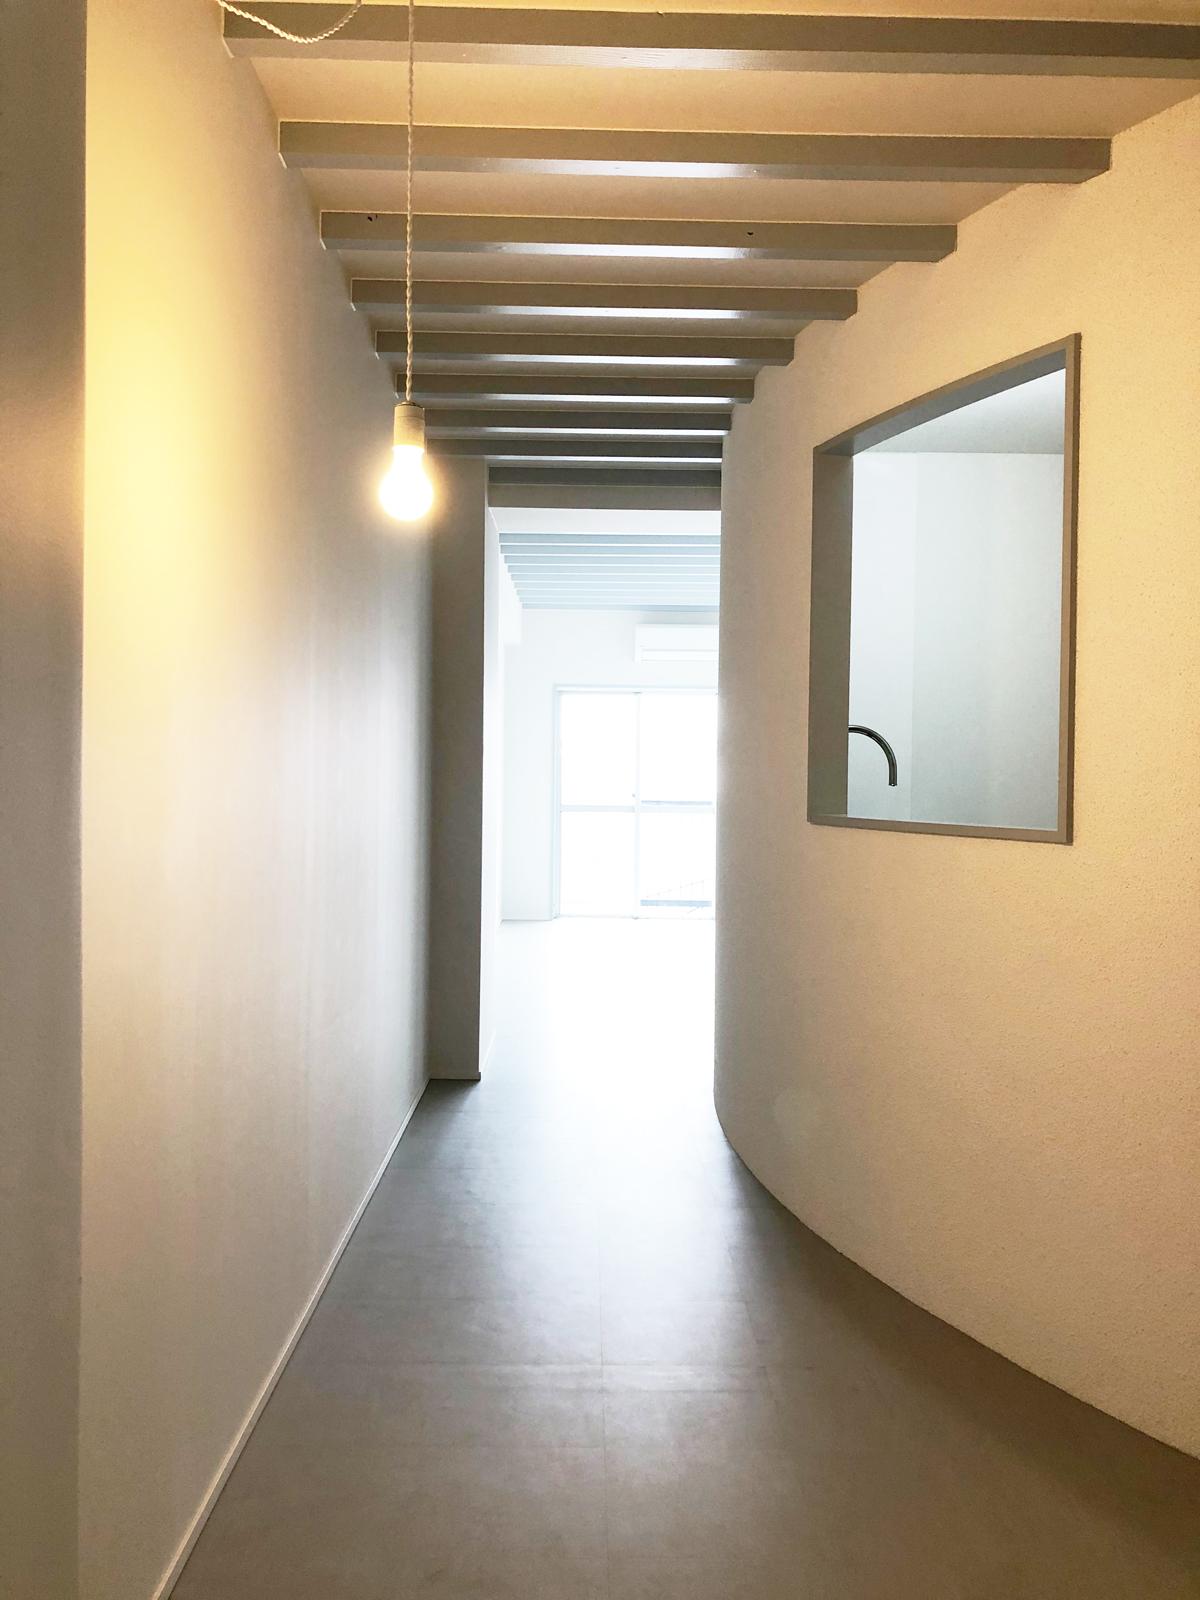 1Kのお部屋がアールの壁が異なる空間を演出